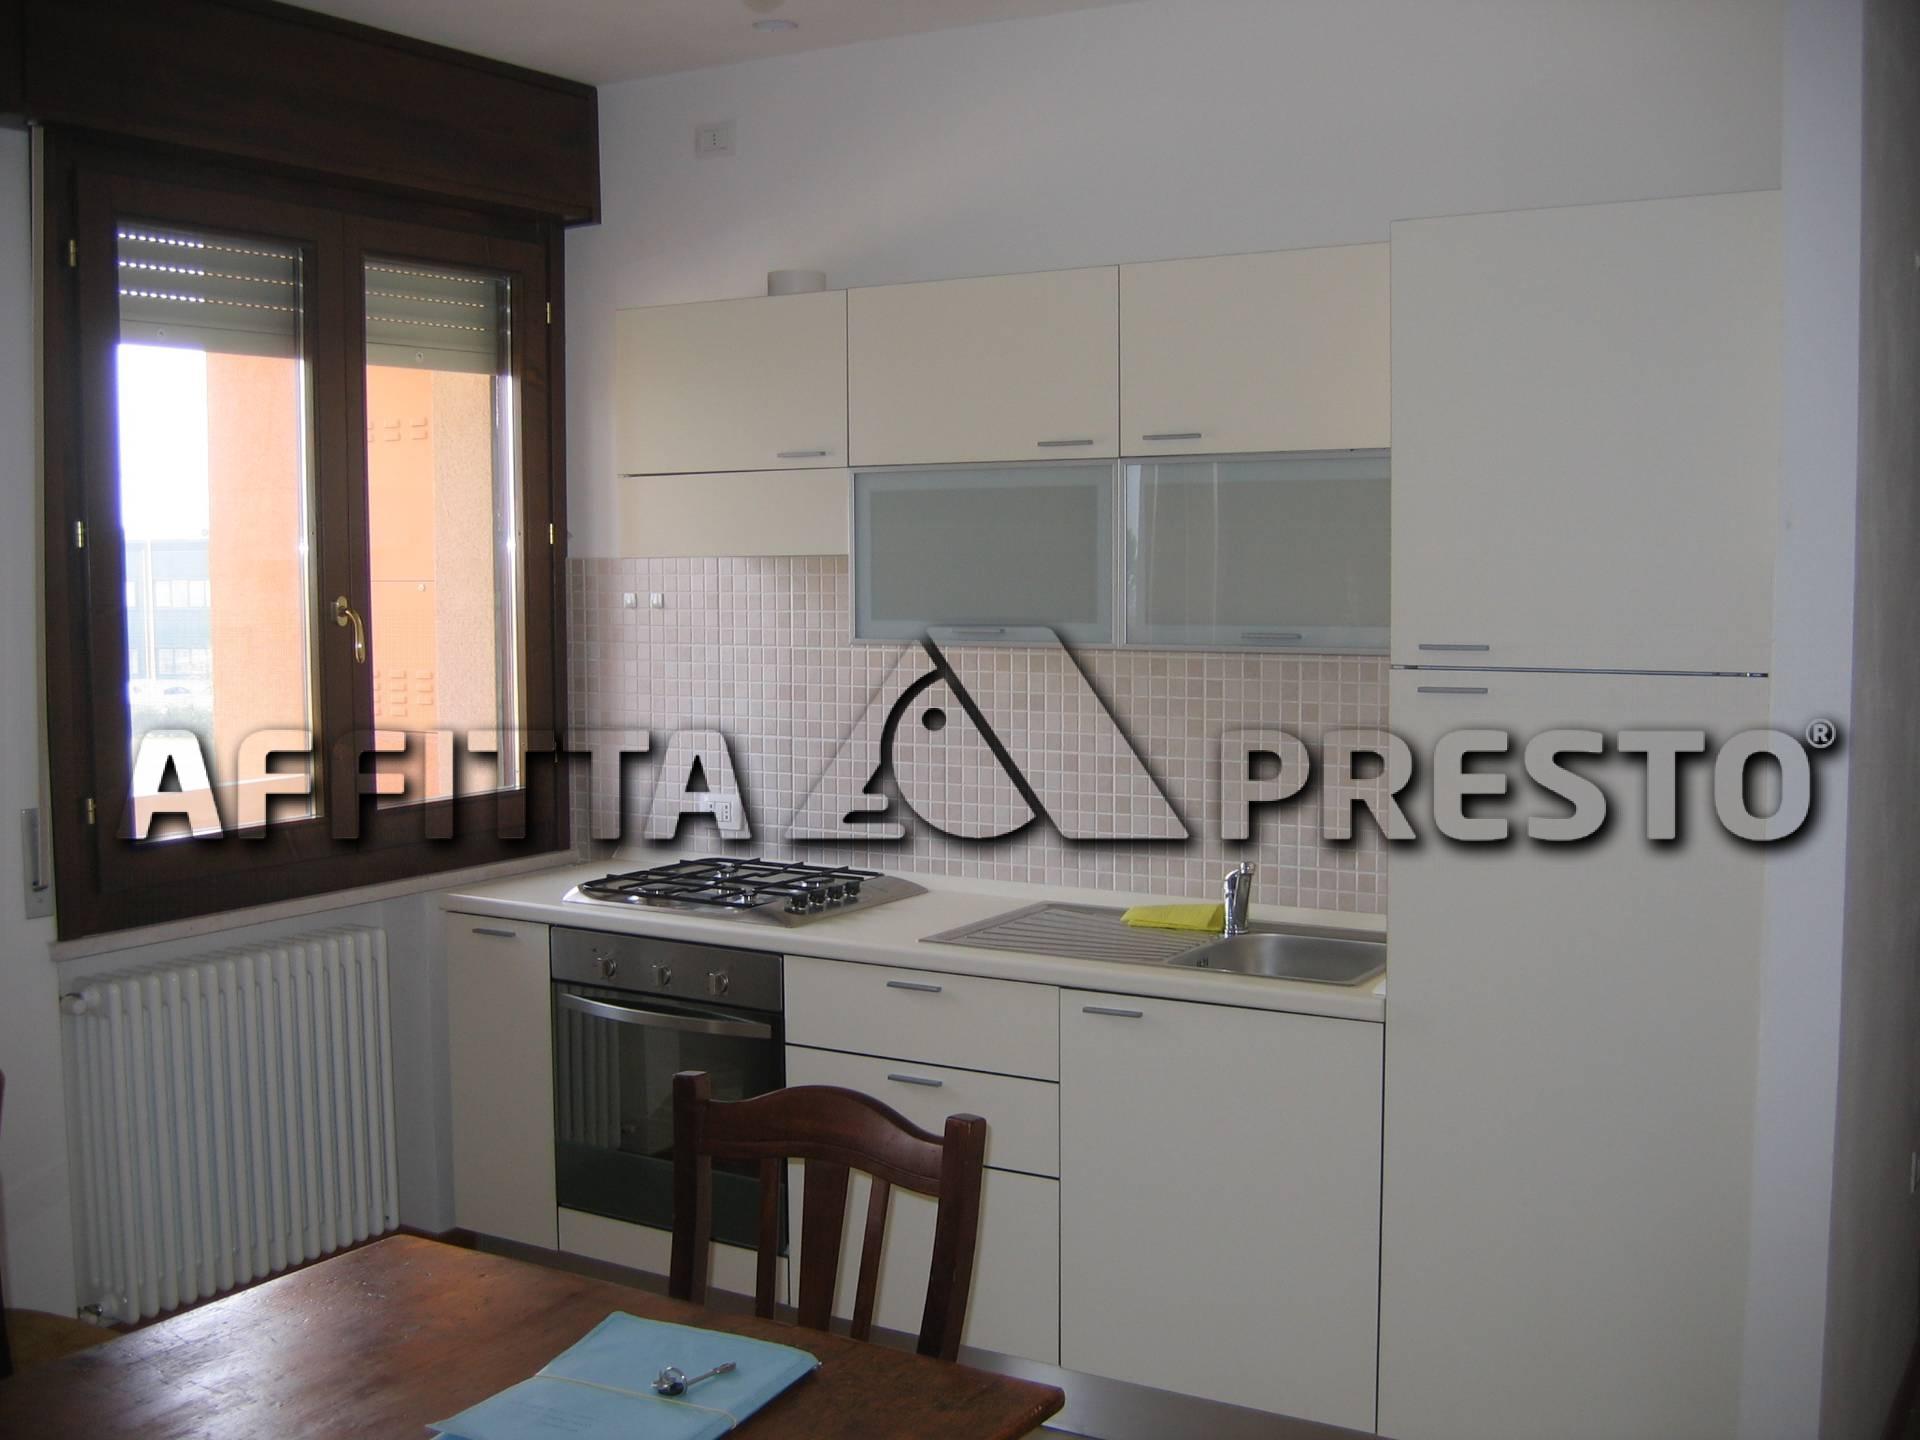 Appartamento in affitto a Cesena, 4 locali, zona Località: CaseGentili, prezzo € 520 | Cambio Casa.it